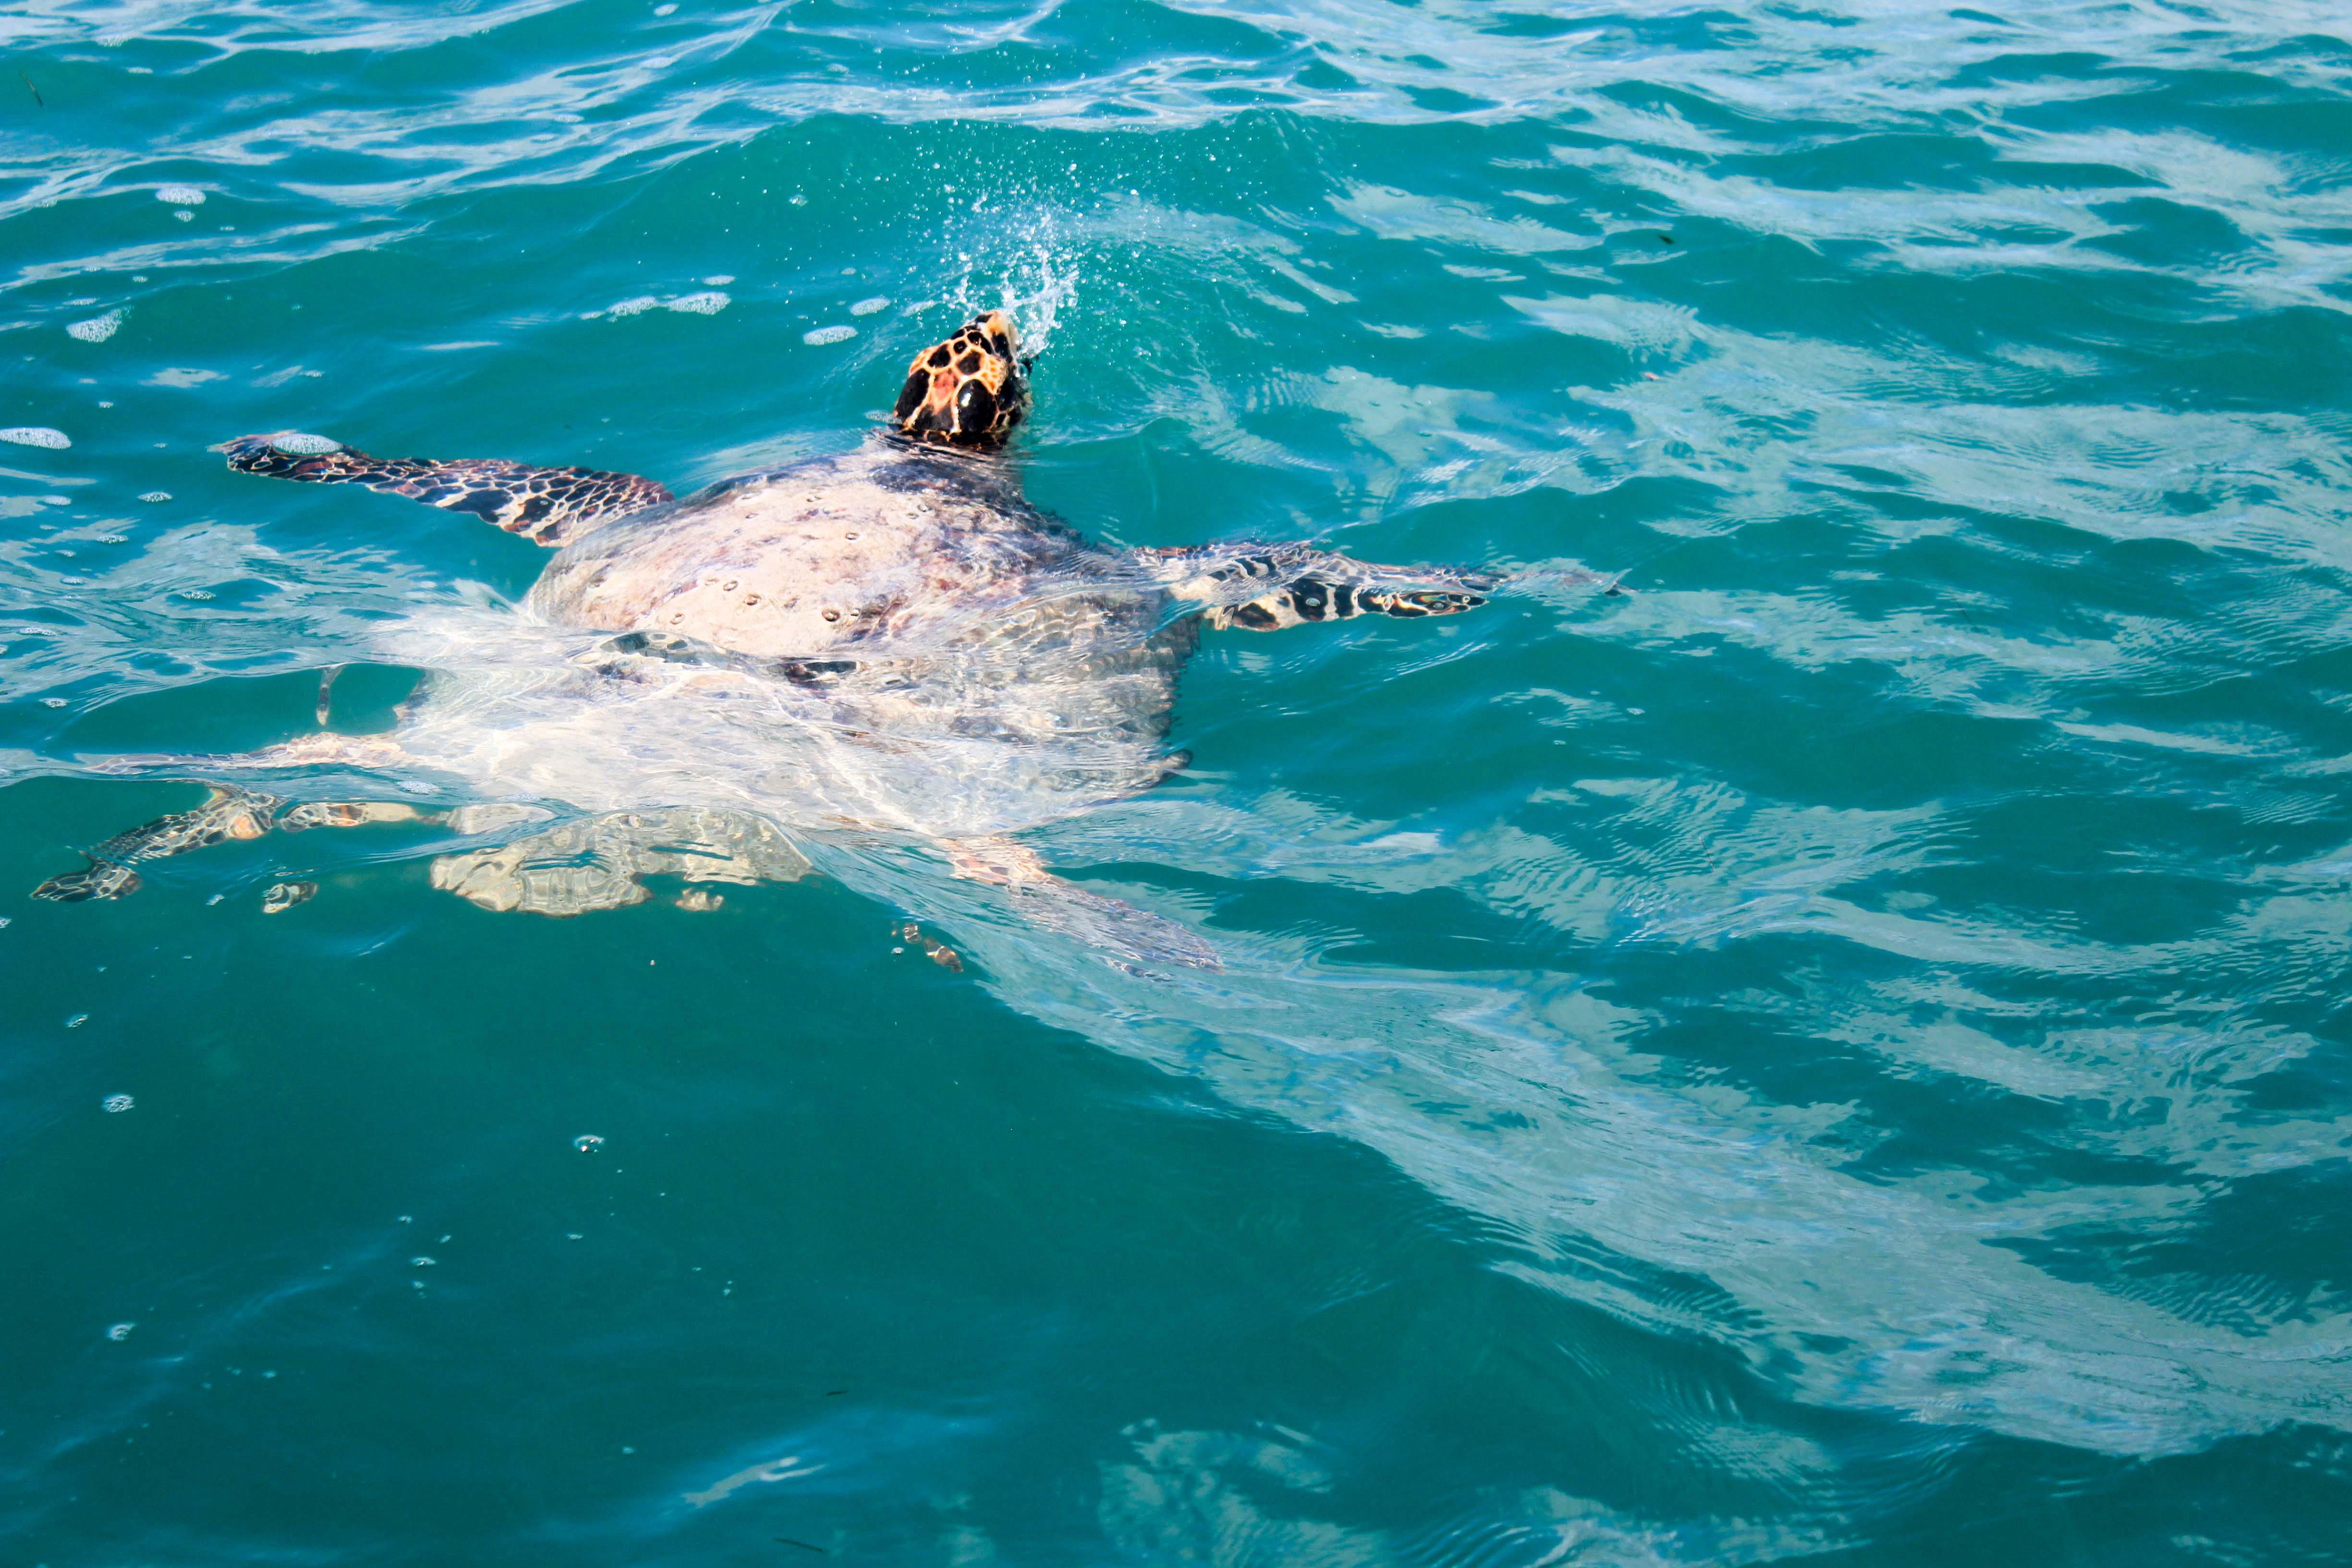 Meeresschildkröte beim Luft holen.